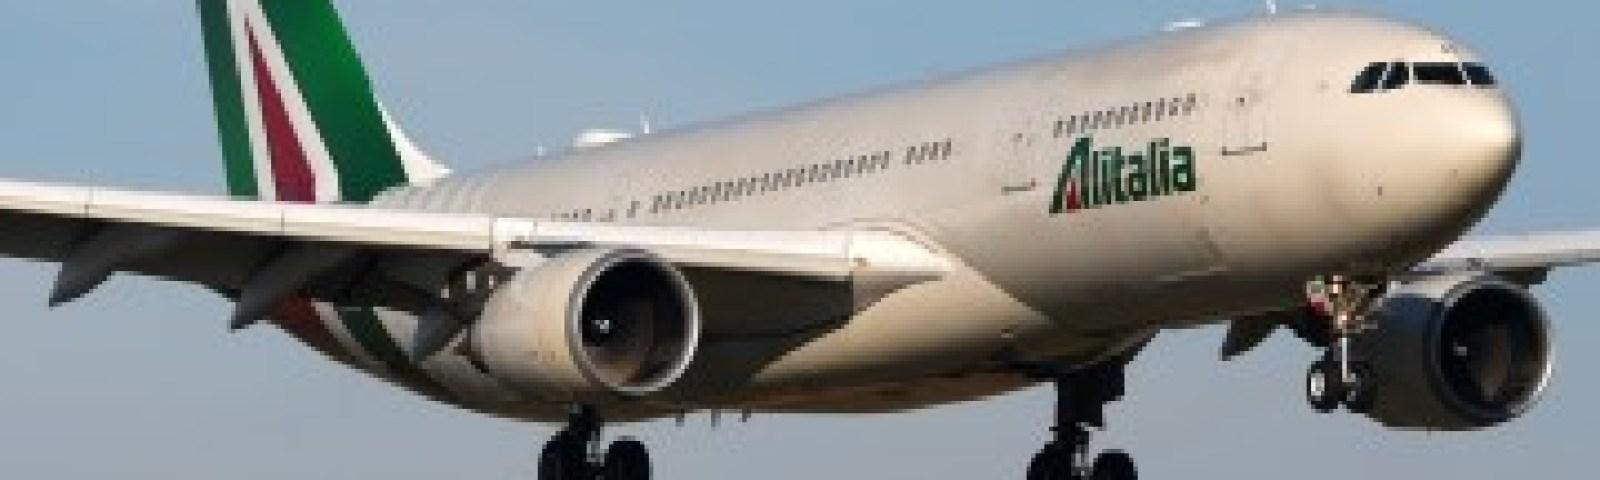 Авиакомпания Condor: все о крупной немецкой авиакомпании